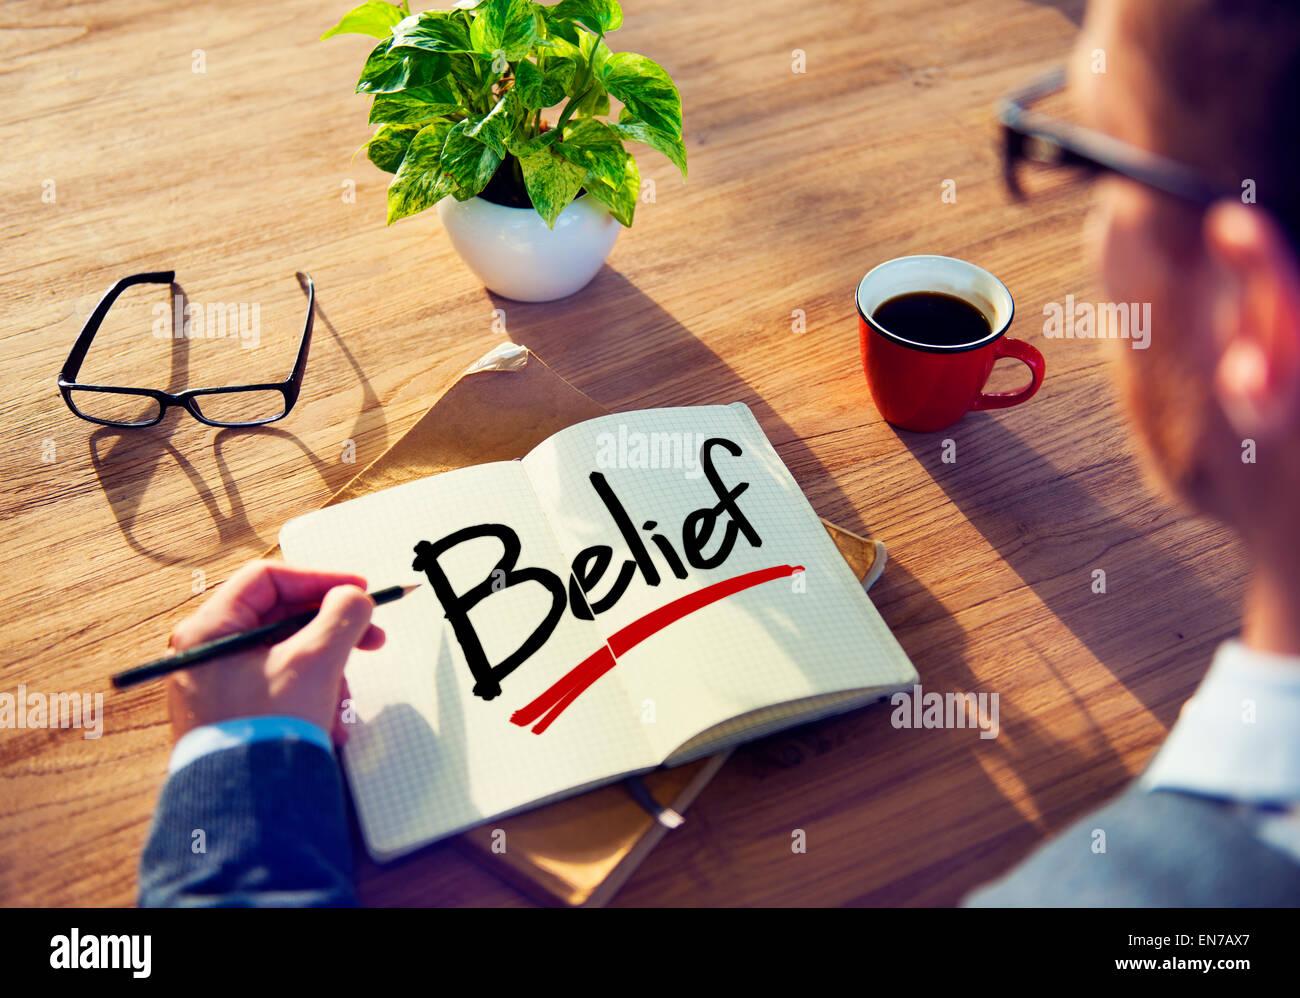 Imprenditore il brainstorming sulle convinzioni personali Immagini Stock